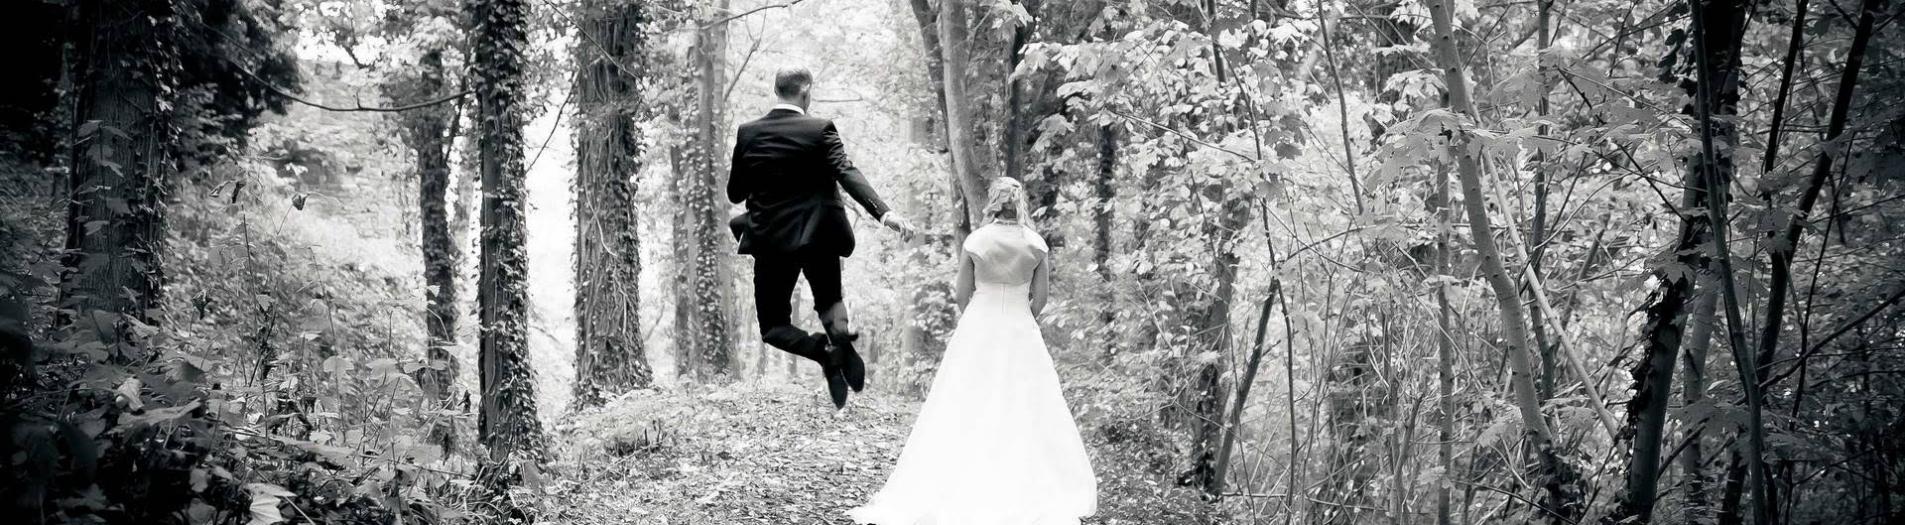 Abheben vor Glück - Hochzeitsfotograf in Detmold und Lippe